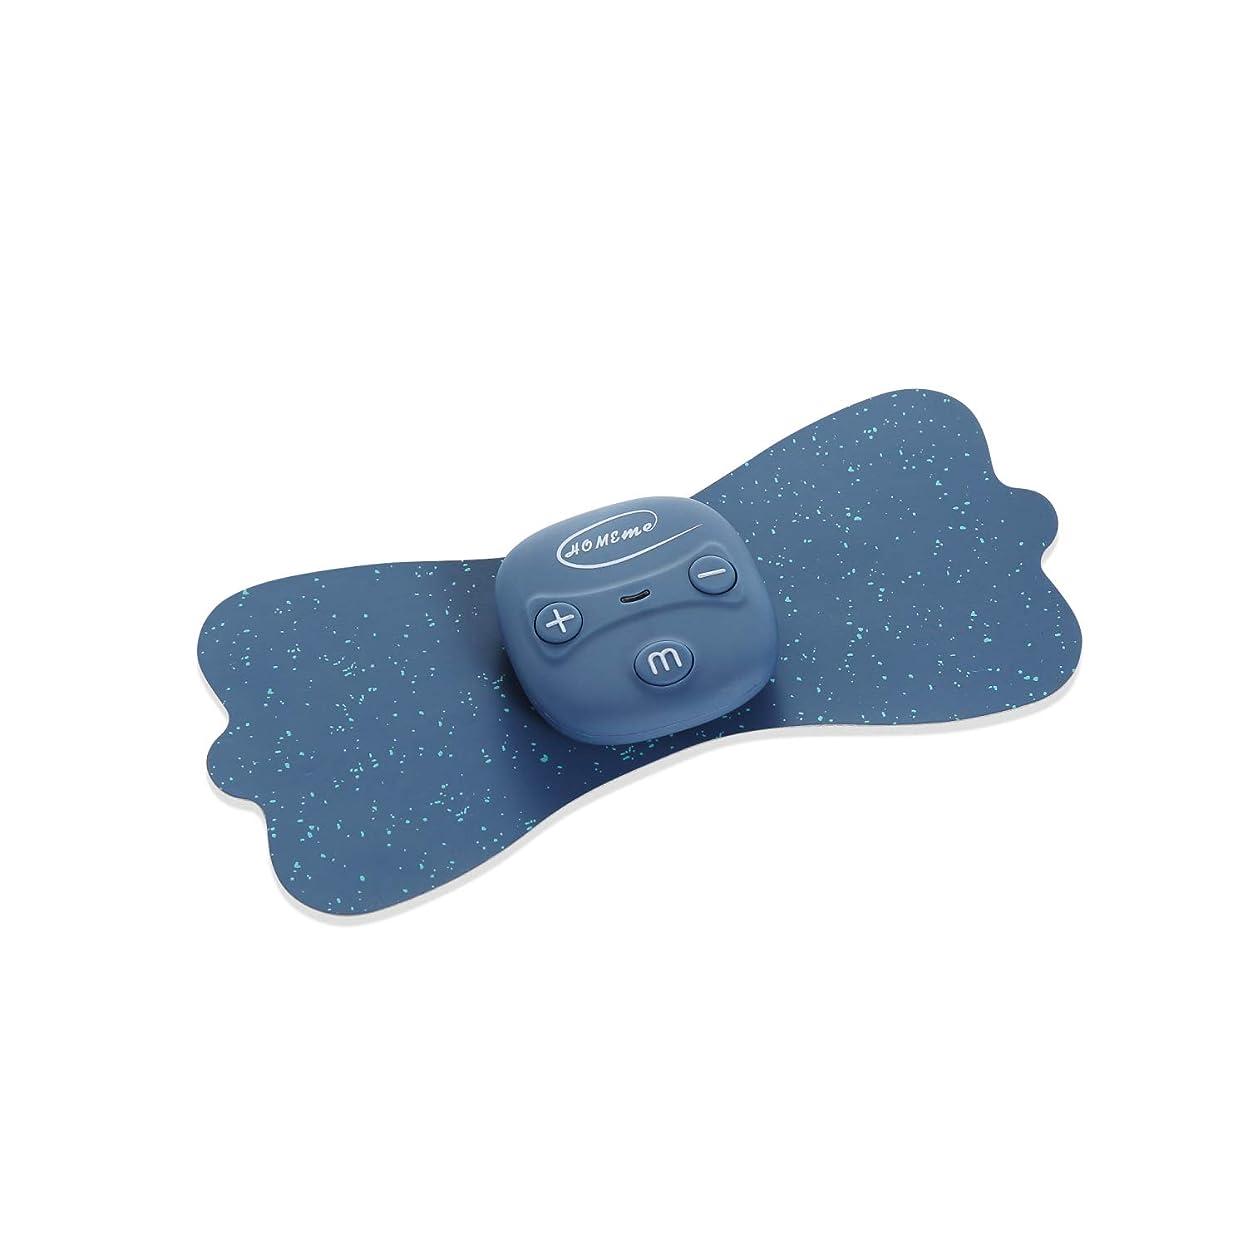 許される教育学イデオロギーHOMEME 低周波マッサージパッド 2枚 EMSパッド 15段階調節 6つモード 腰マッサージ usb充電式 筋疲労回復 一年保証 首/肩/腰/背中/手/足向け